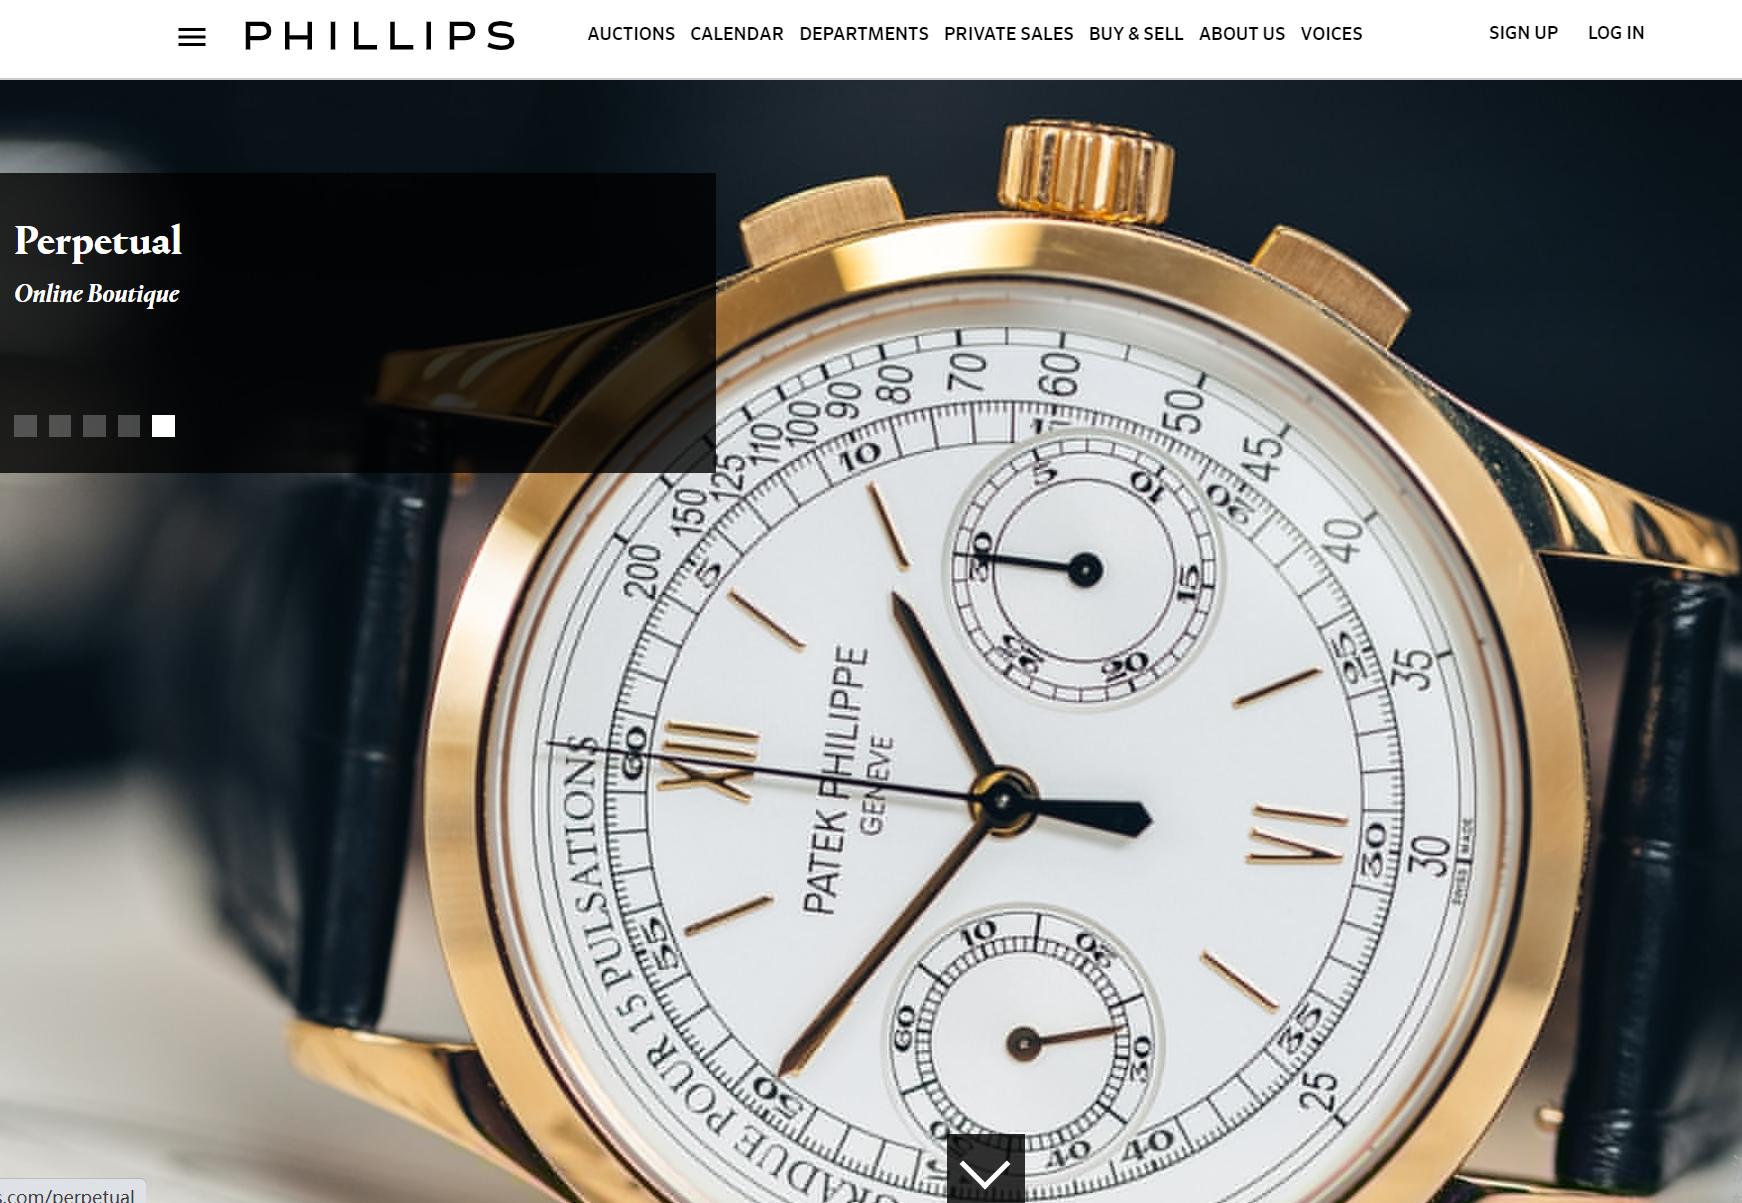 全球三大拍卖行钟表部门负责人:手表线上拍卖持续升温,买家显著年轻化